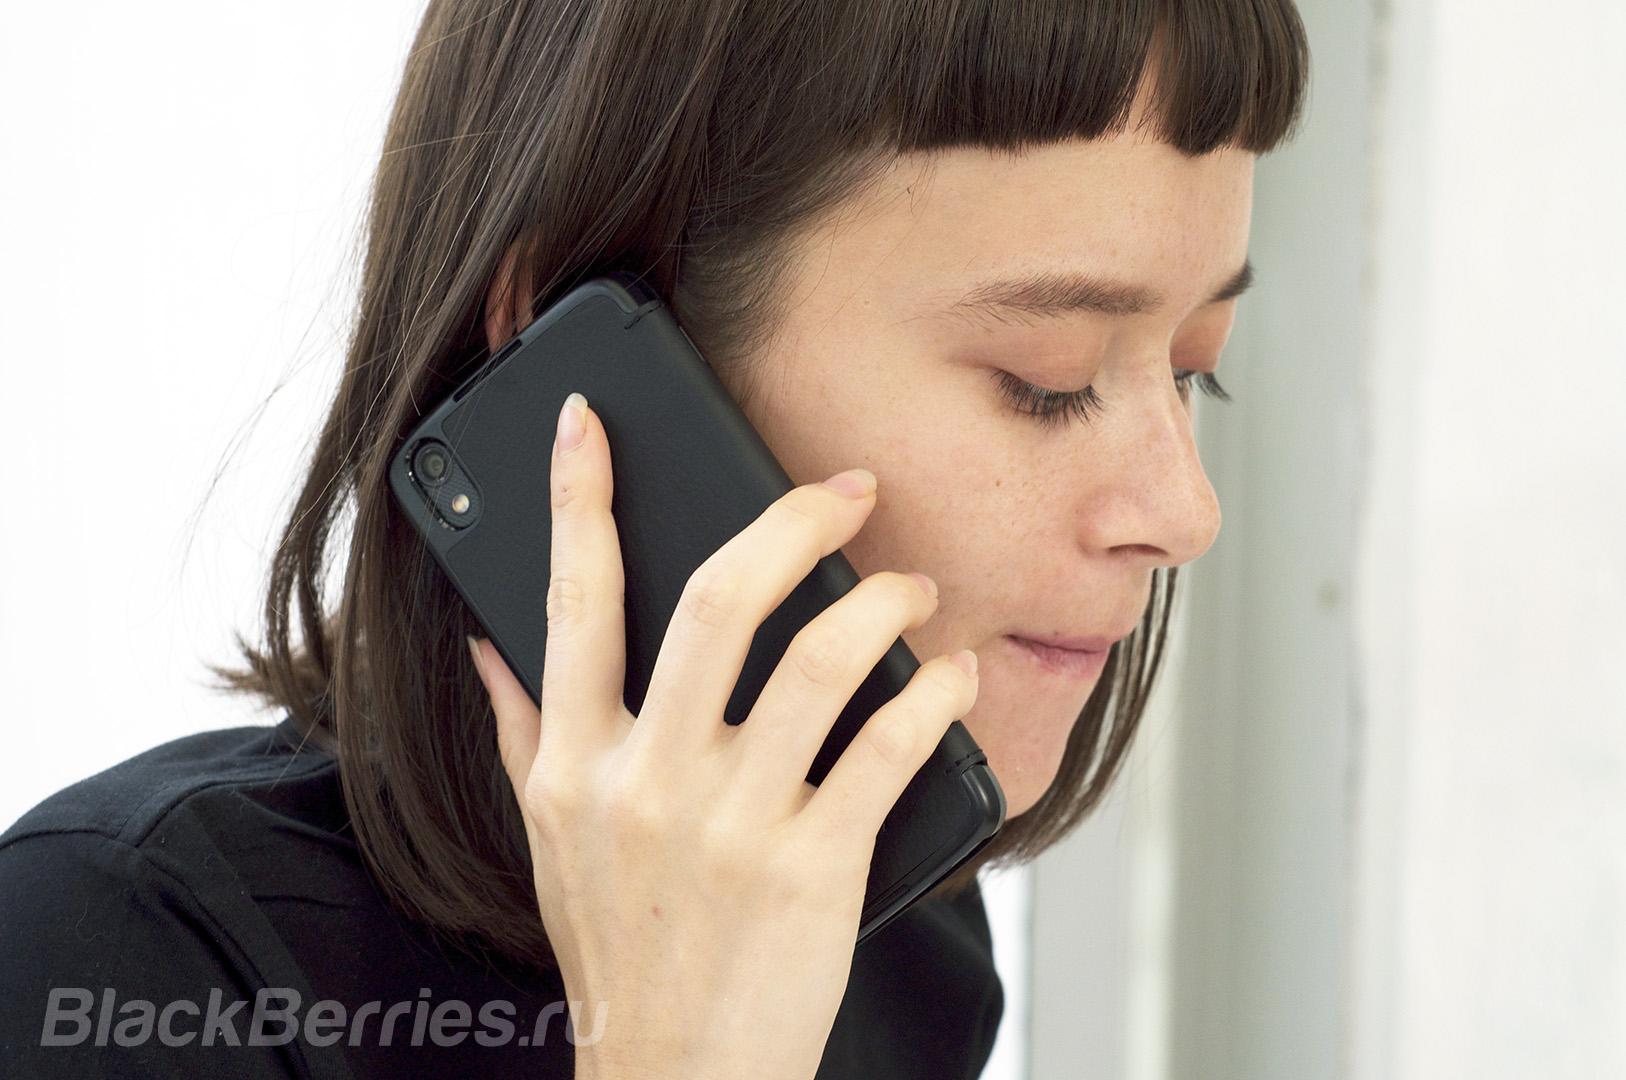 BlackBerry-DTEK50-Cases-33